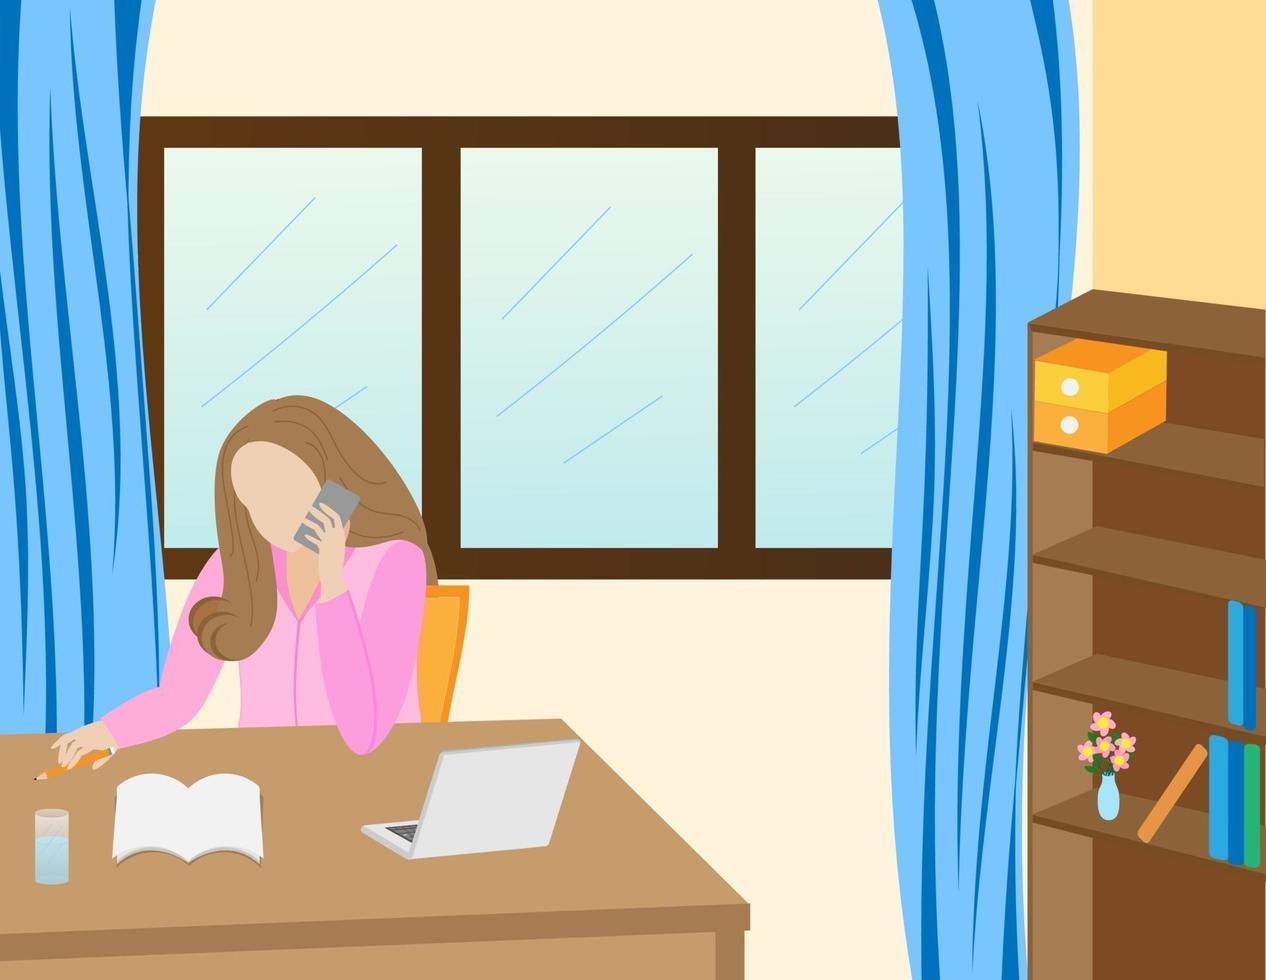 trabalhe em qualquer lugar. tecnologia de comunicação moderna online. mulheres que trabalham na internet via laptop. estar conectado em todos os lugares. freelance, mídia social. vetor